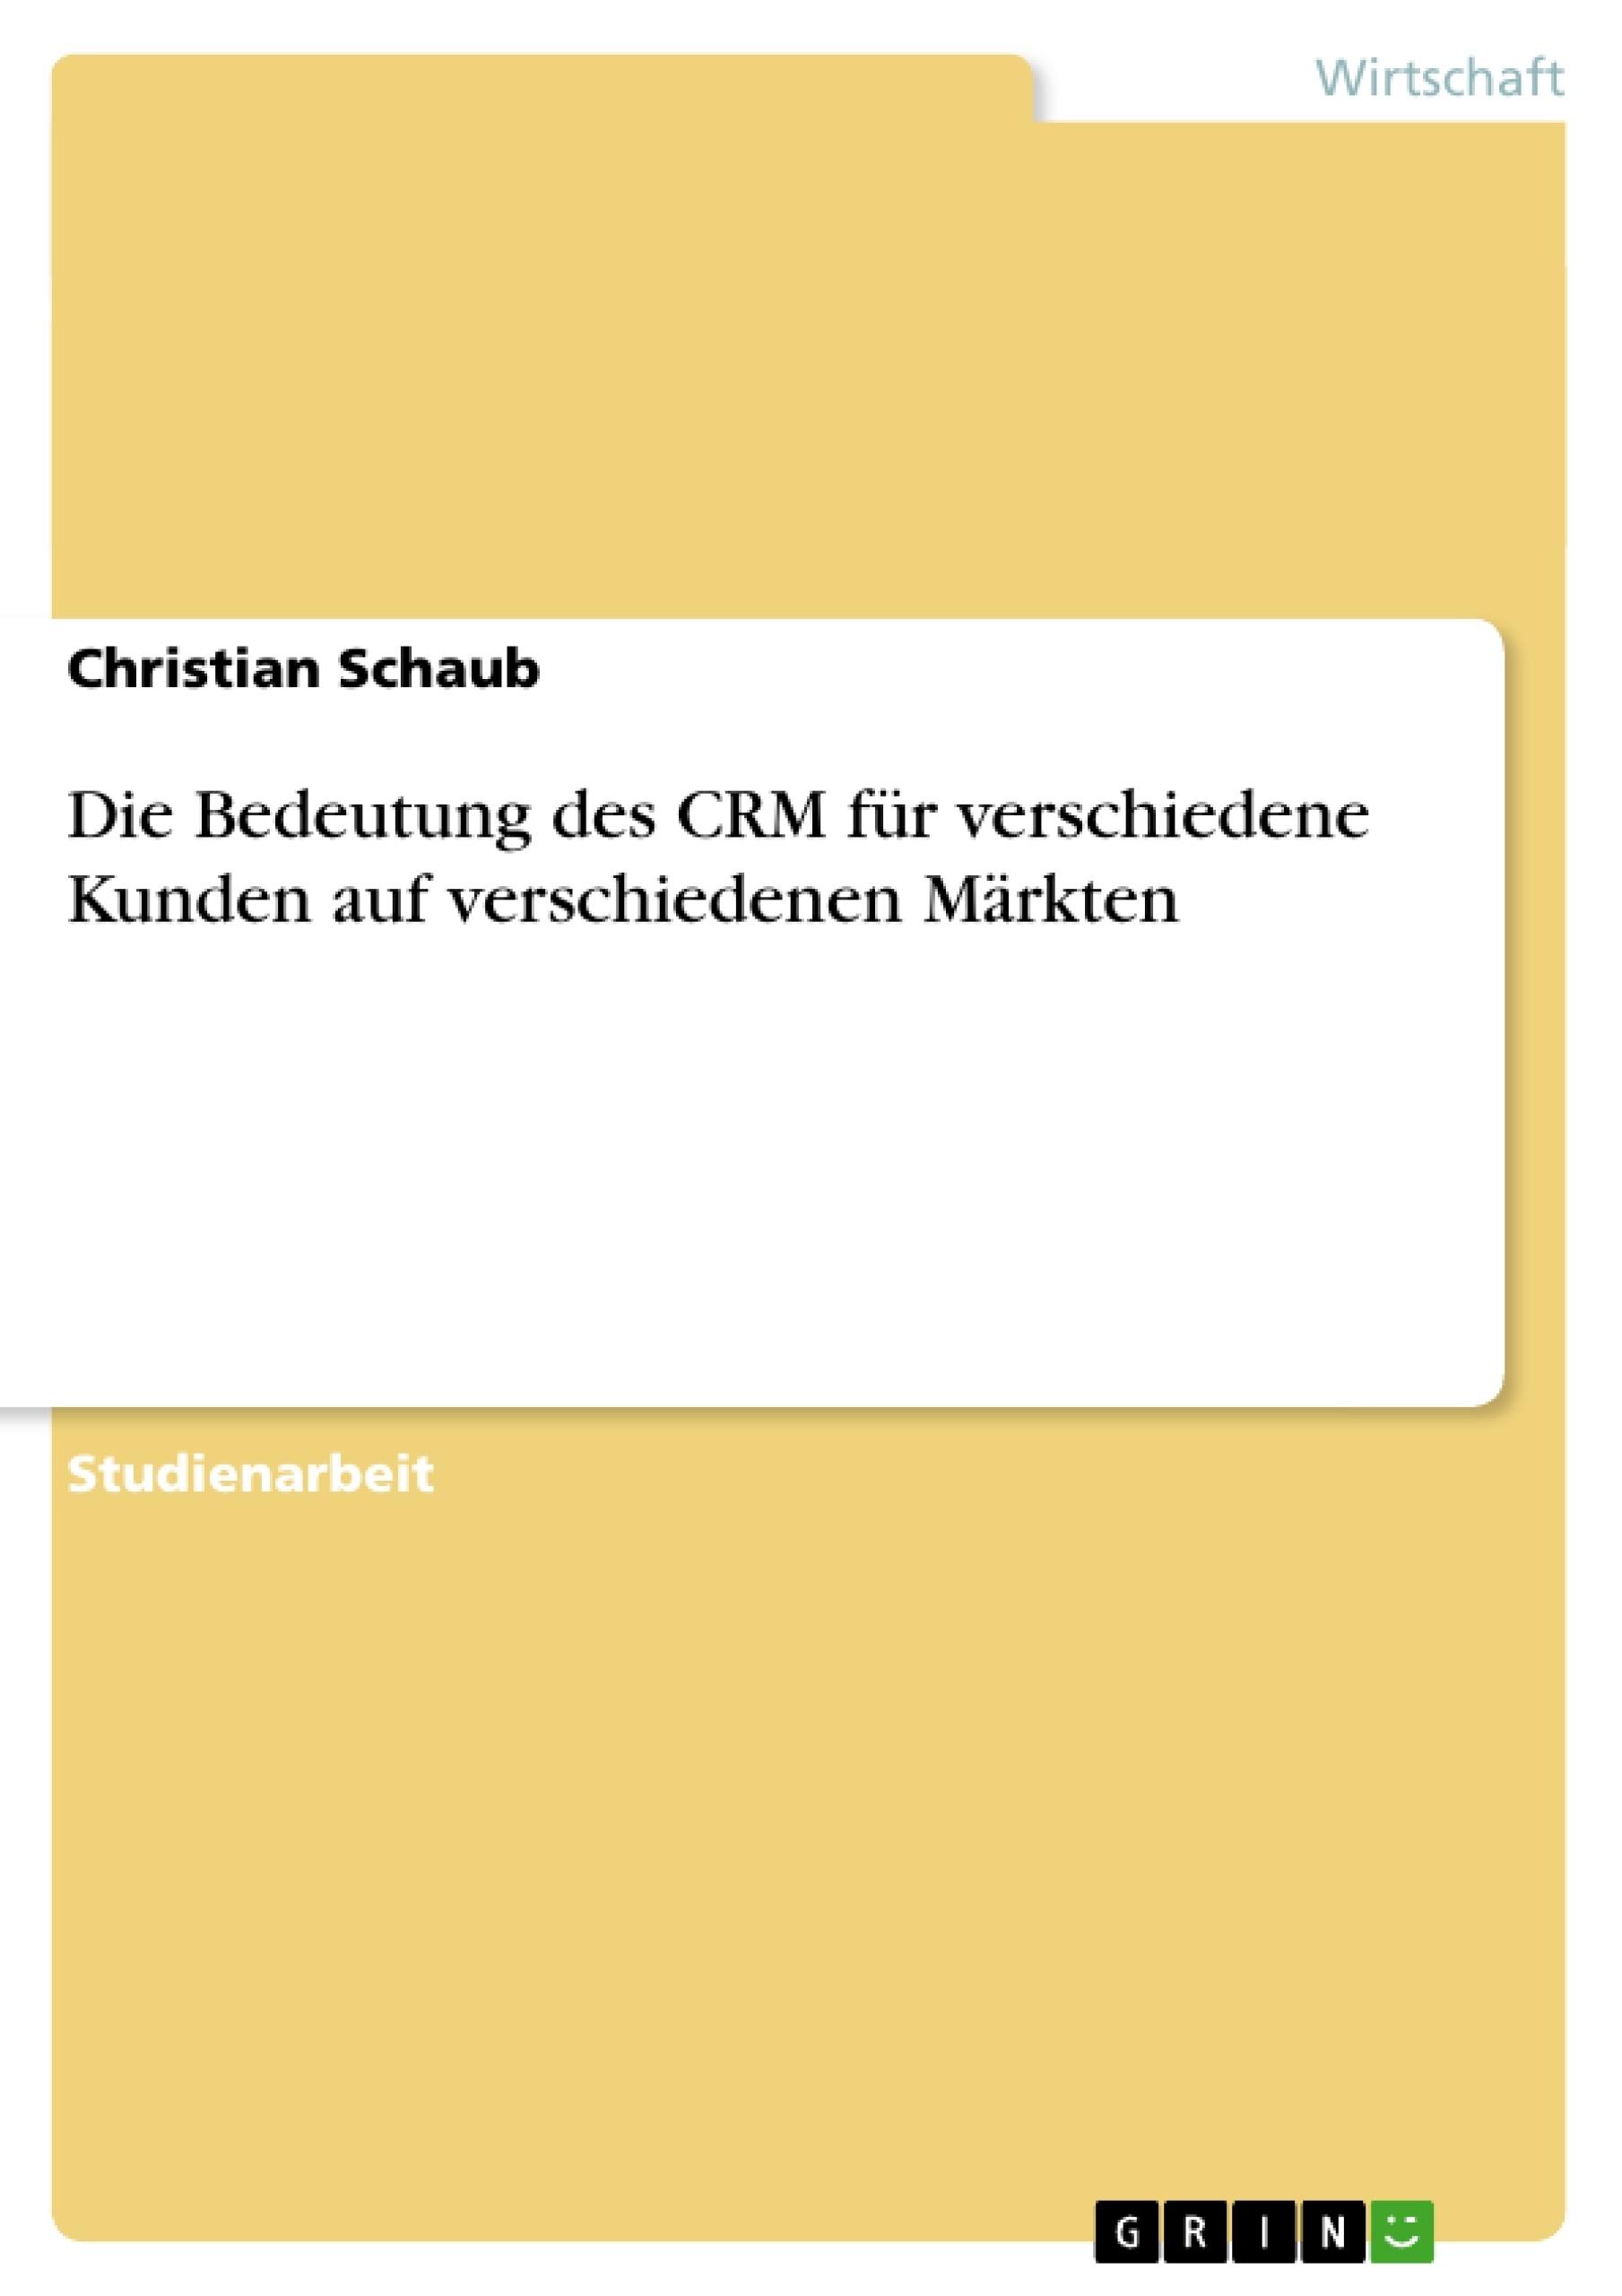 Titel: Die Bedeutung des CRM für verschiedene Kunden auf verschiedenen Märkten